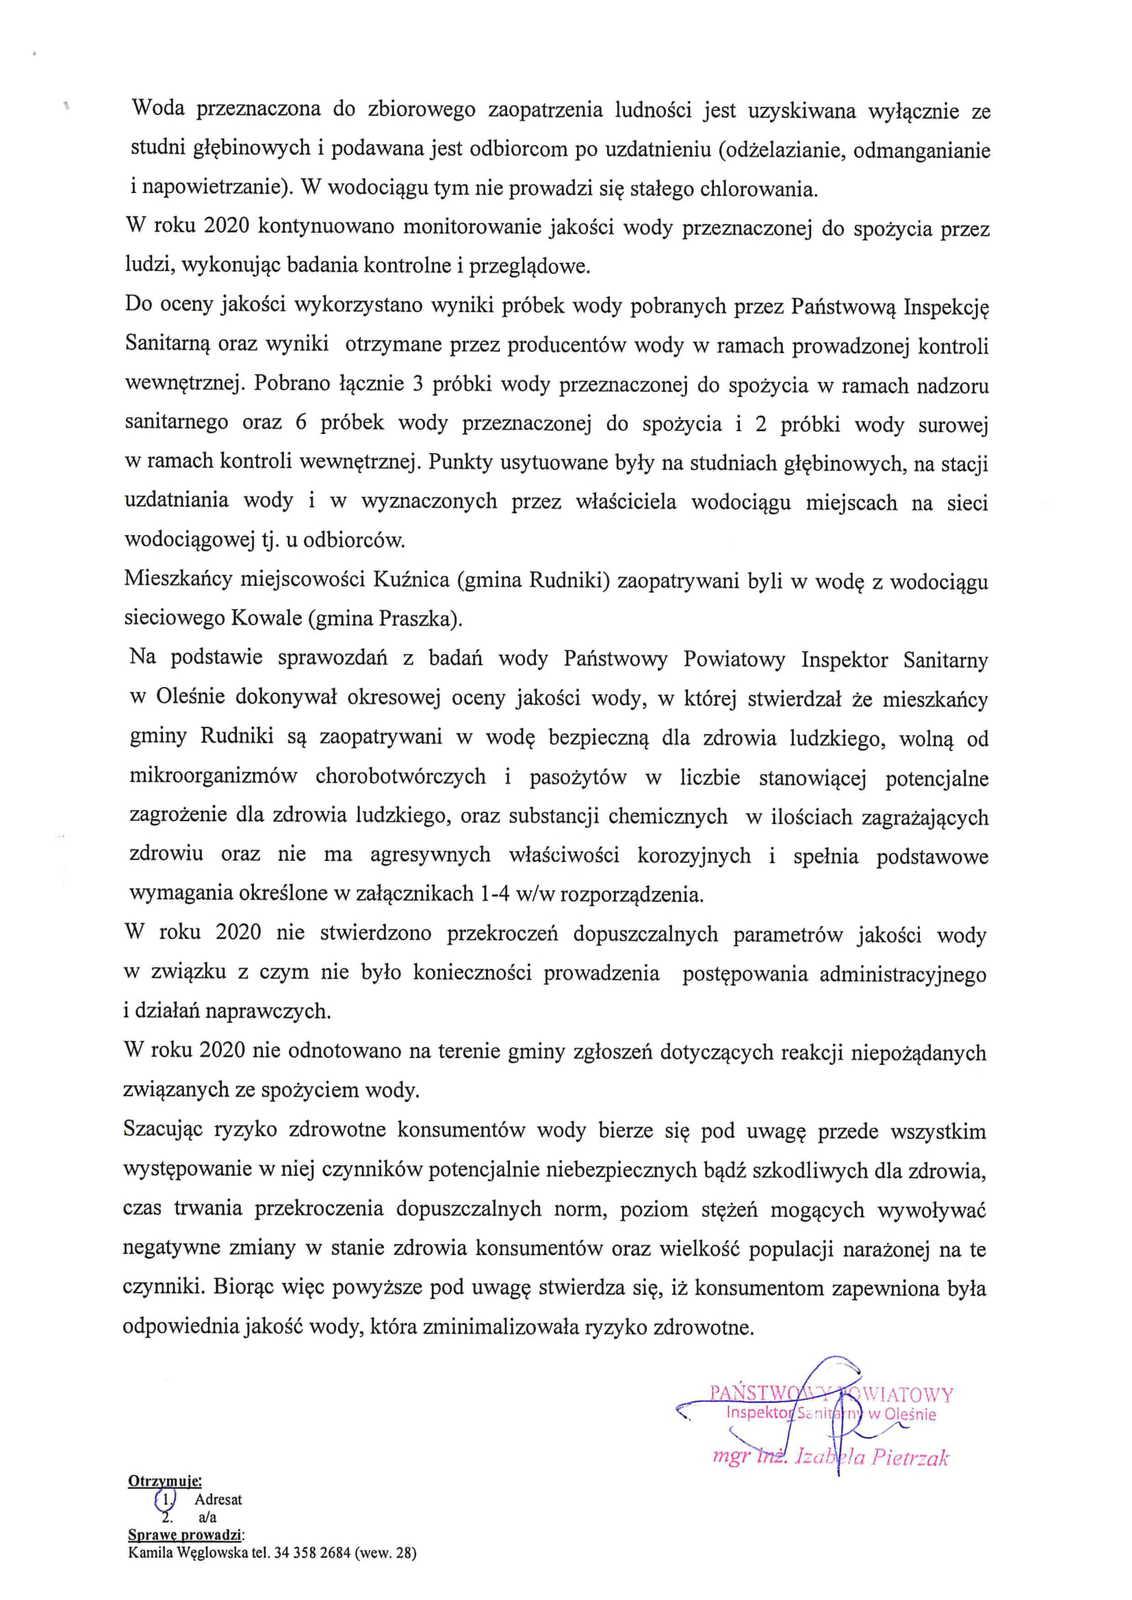 Ocena obszarowa jakości wody za 2020 r. - Gmina Rudniki-3.jpeg